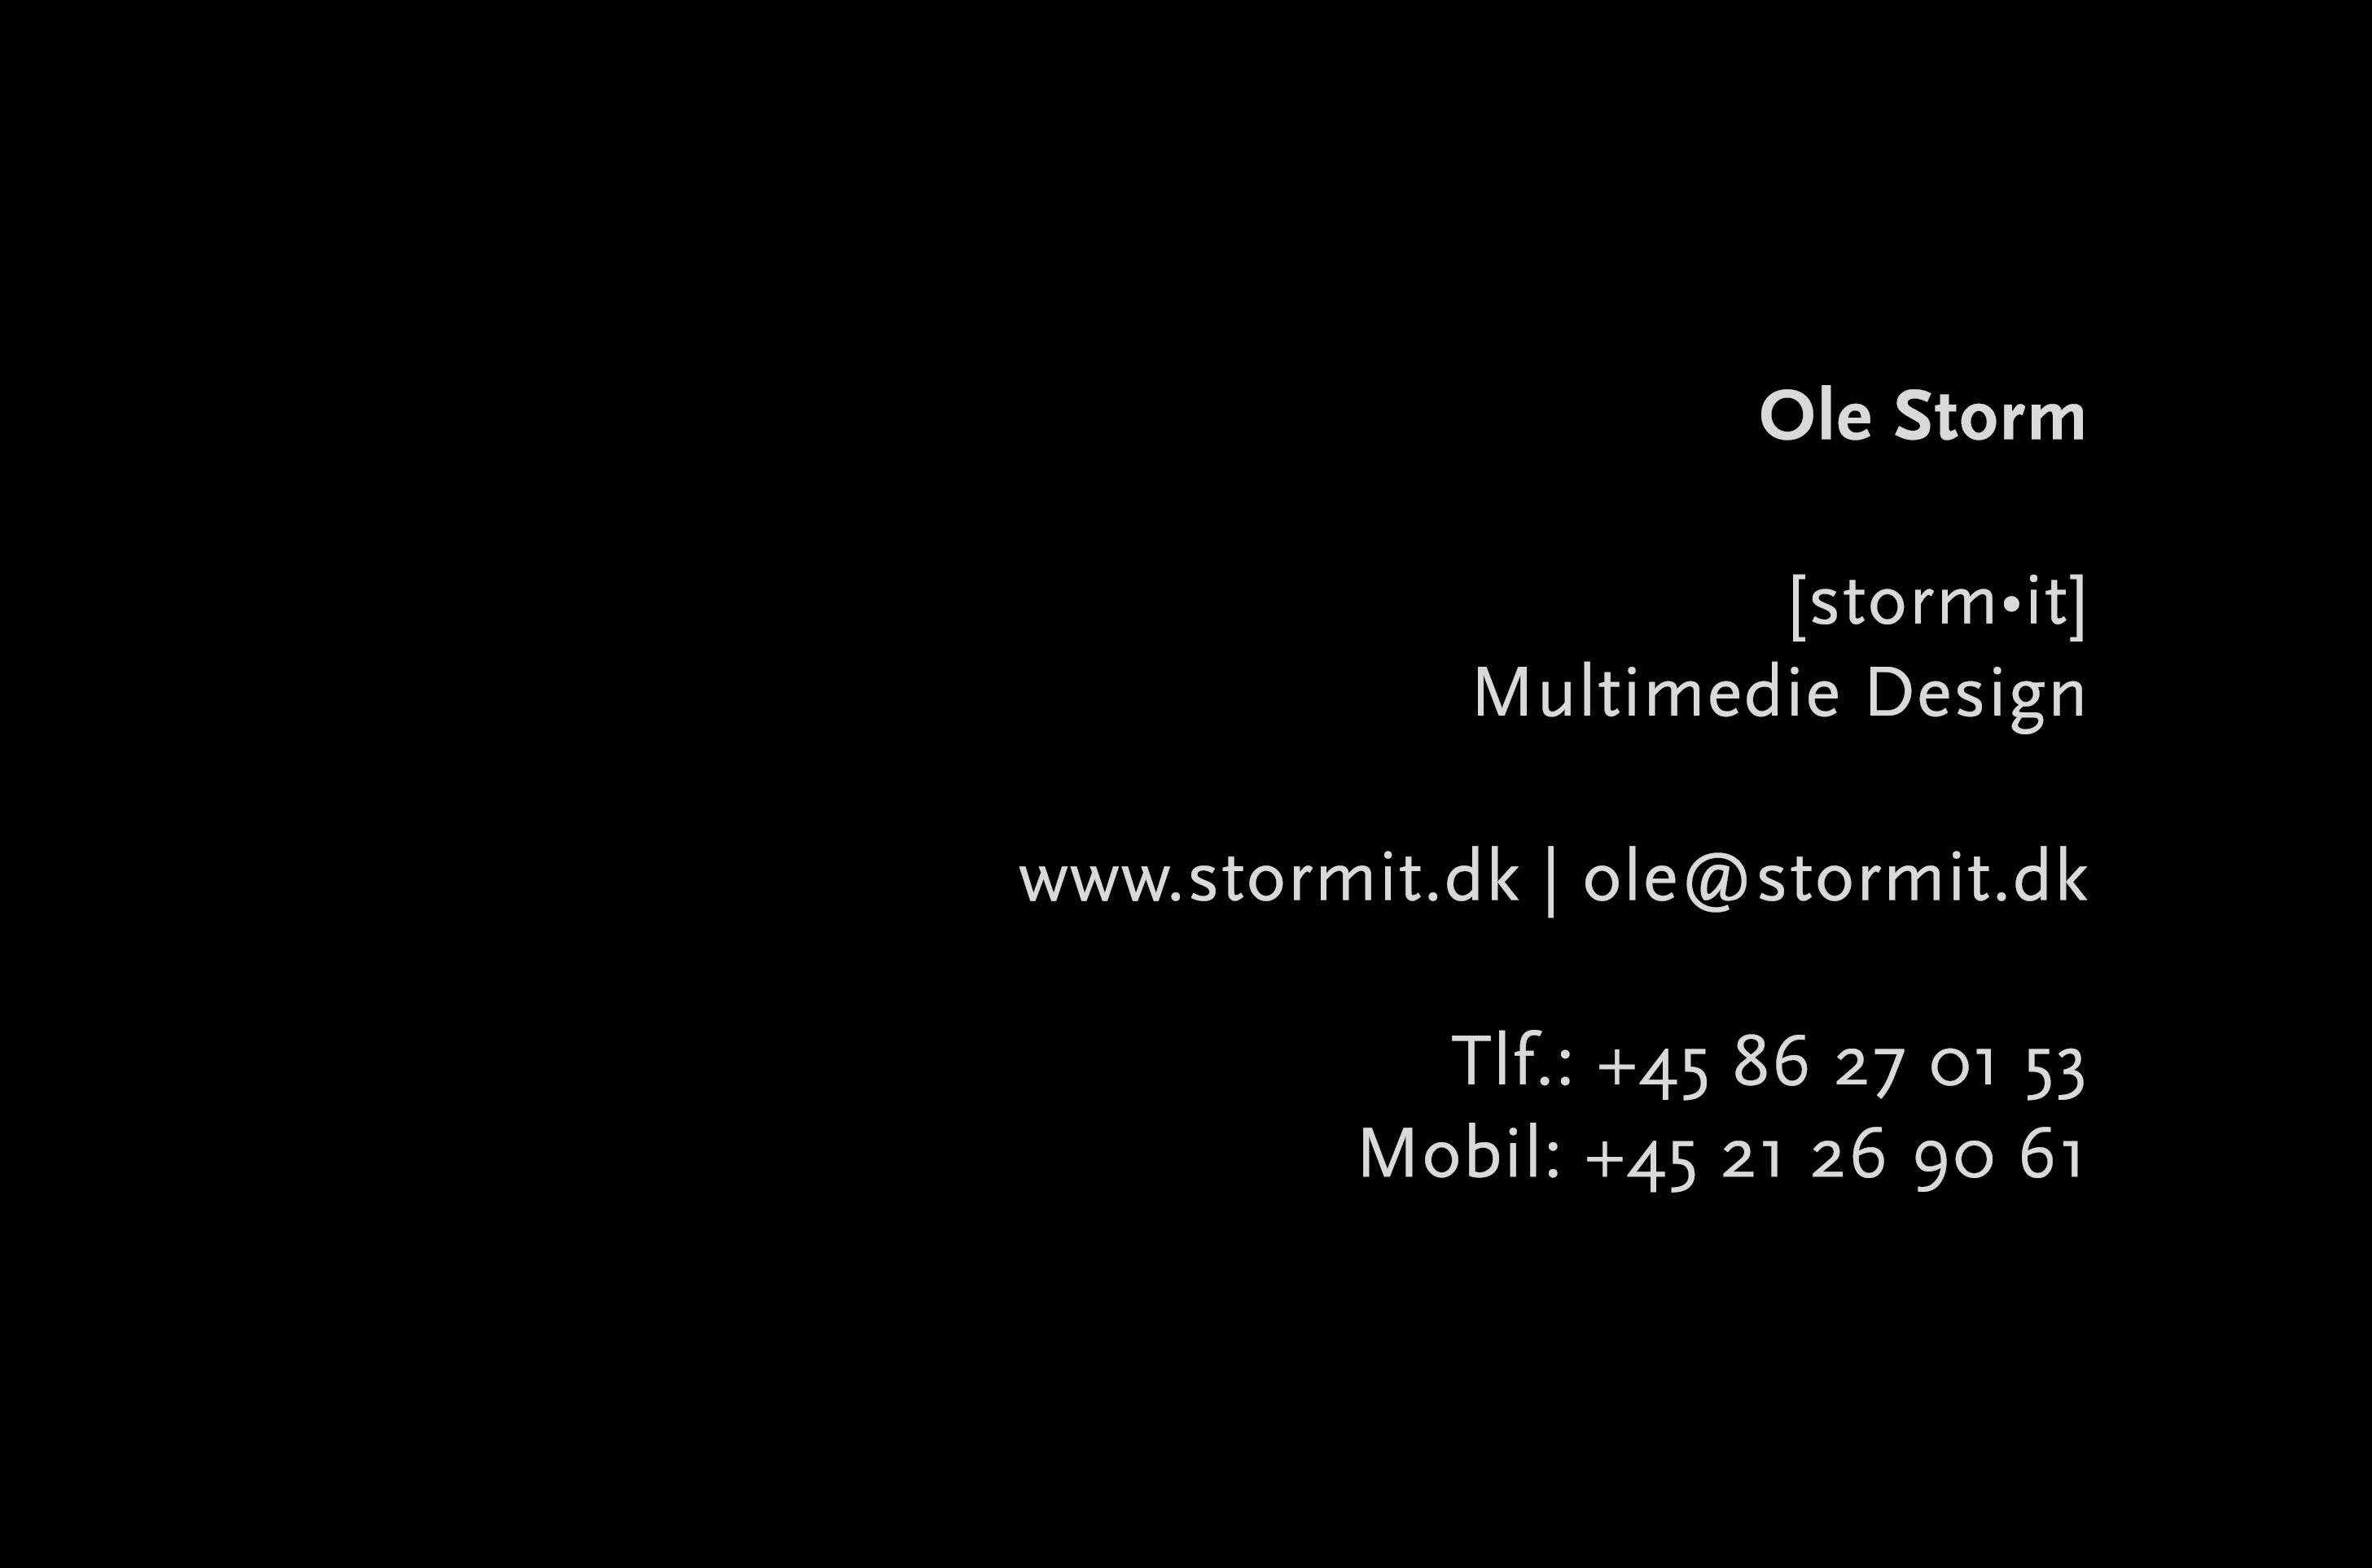 storm•it visitkort bagside